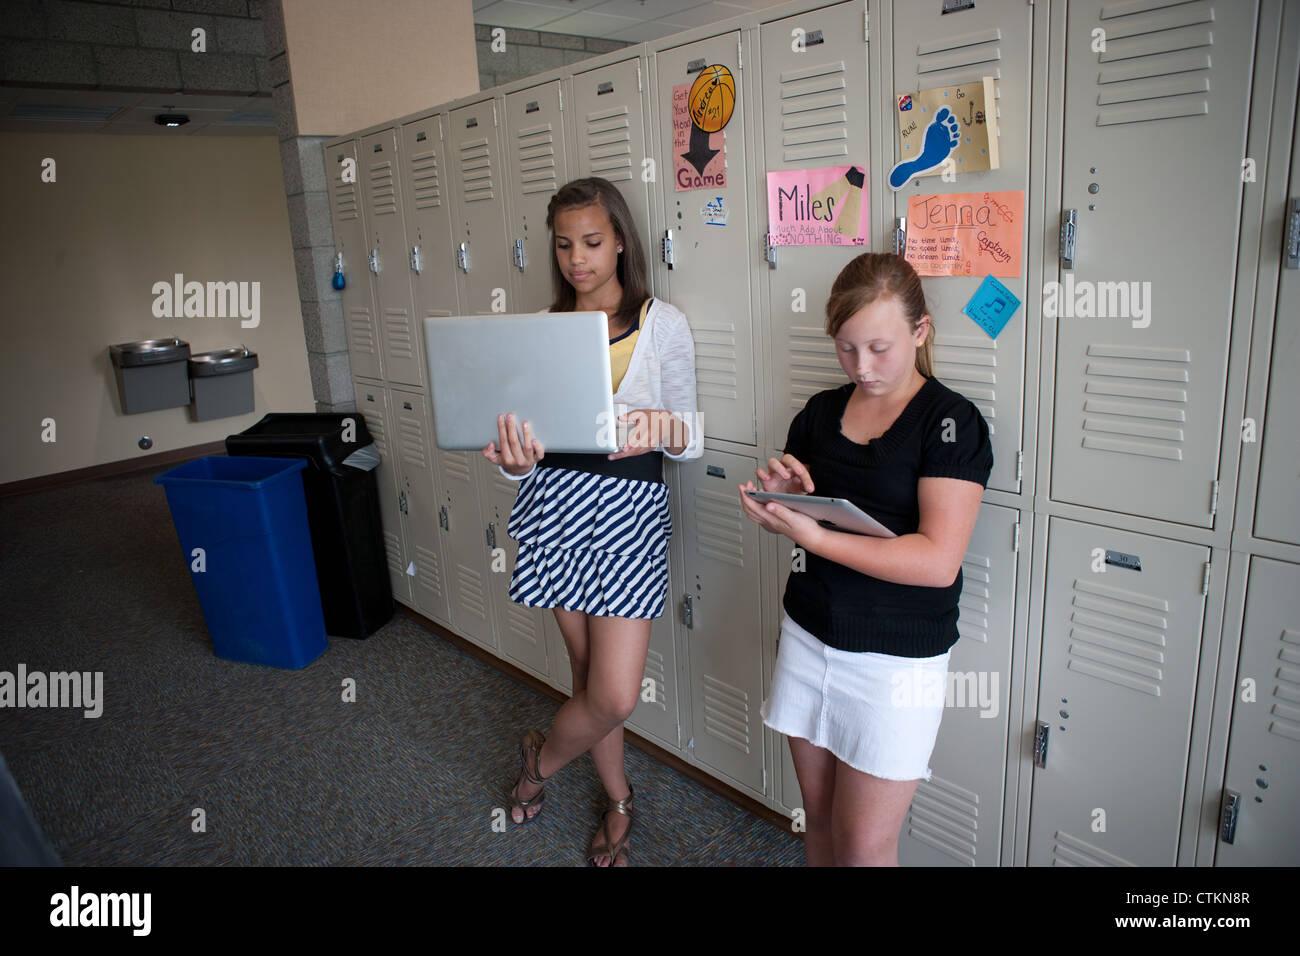 Les jeunes filles à l'aide d'ipad et d'un ordinateur portatif dans le couloir de l'école intermédiaire. Banque D'Images